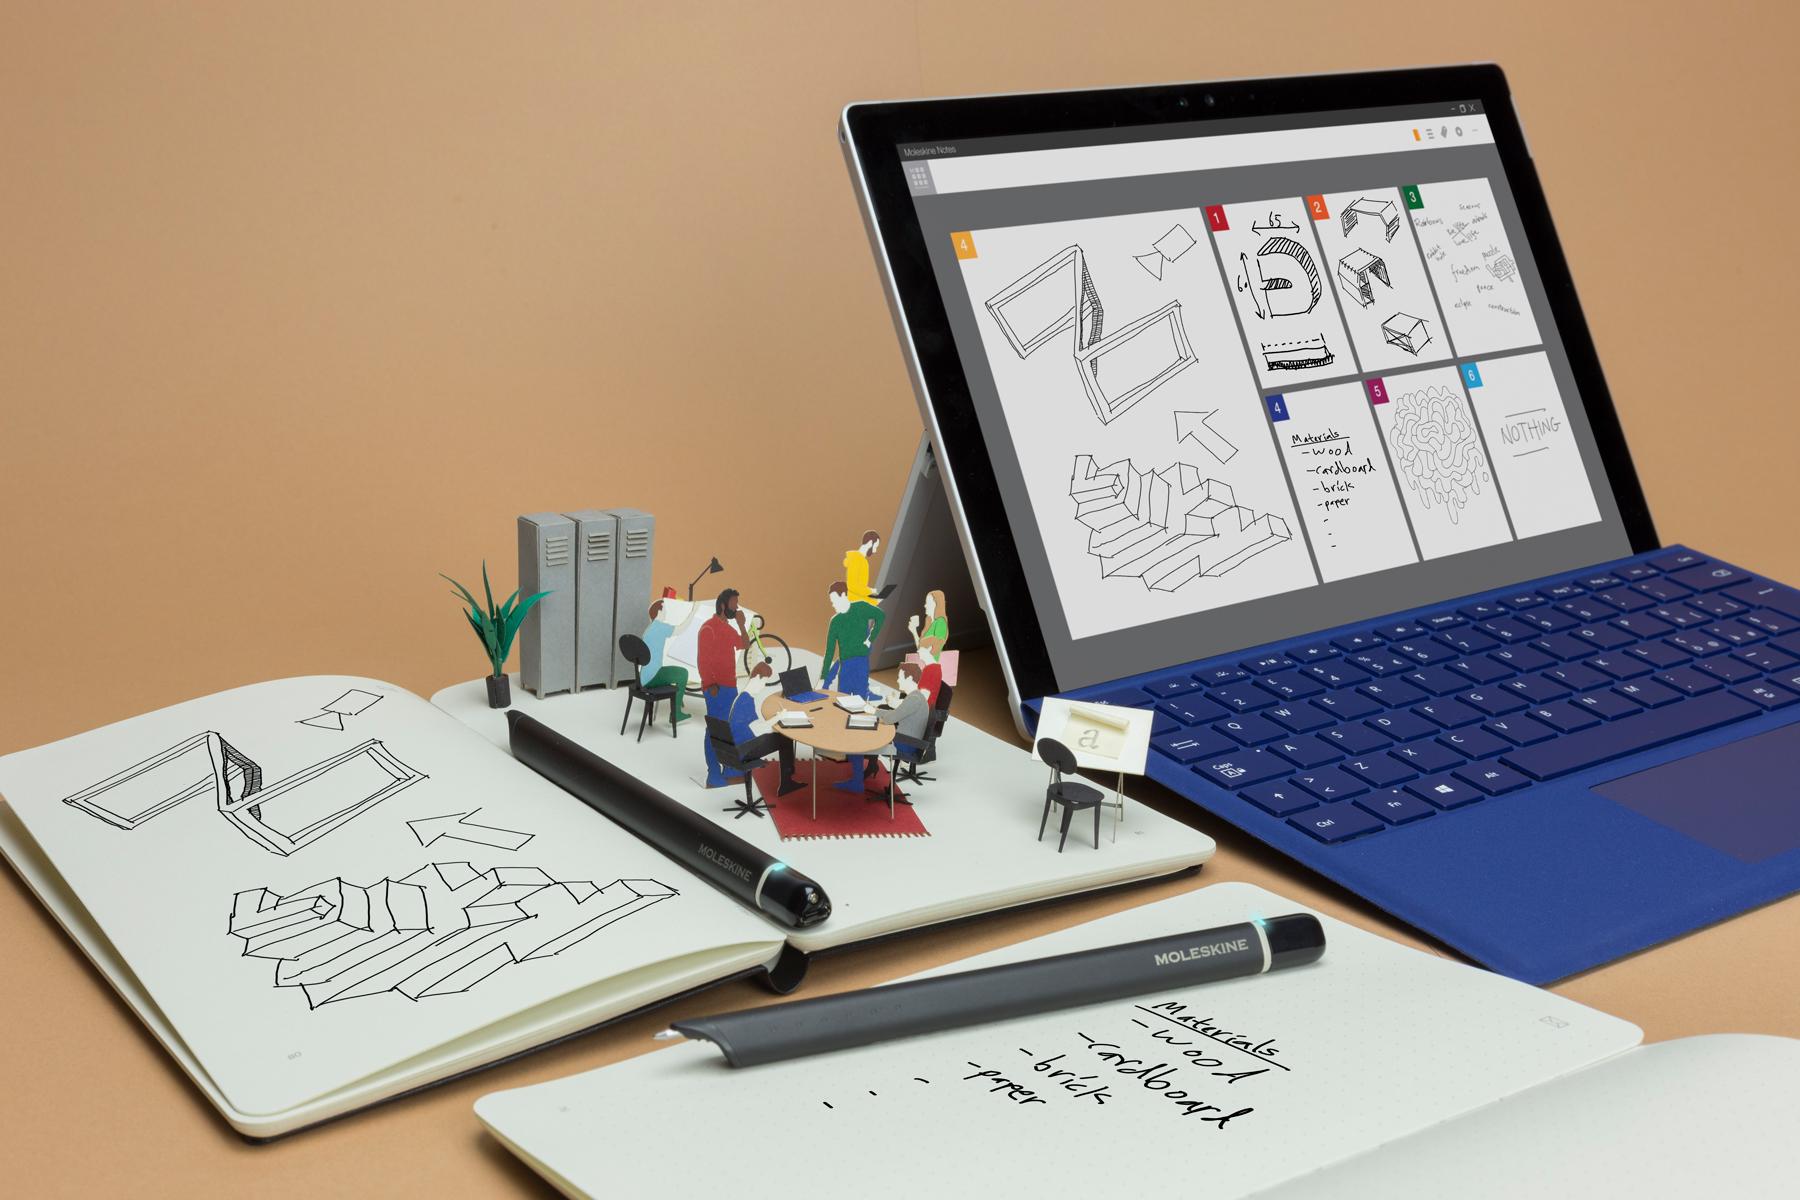 Come funziona lo smart notebook Moleskine con Microsoft Win 10